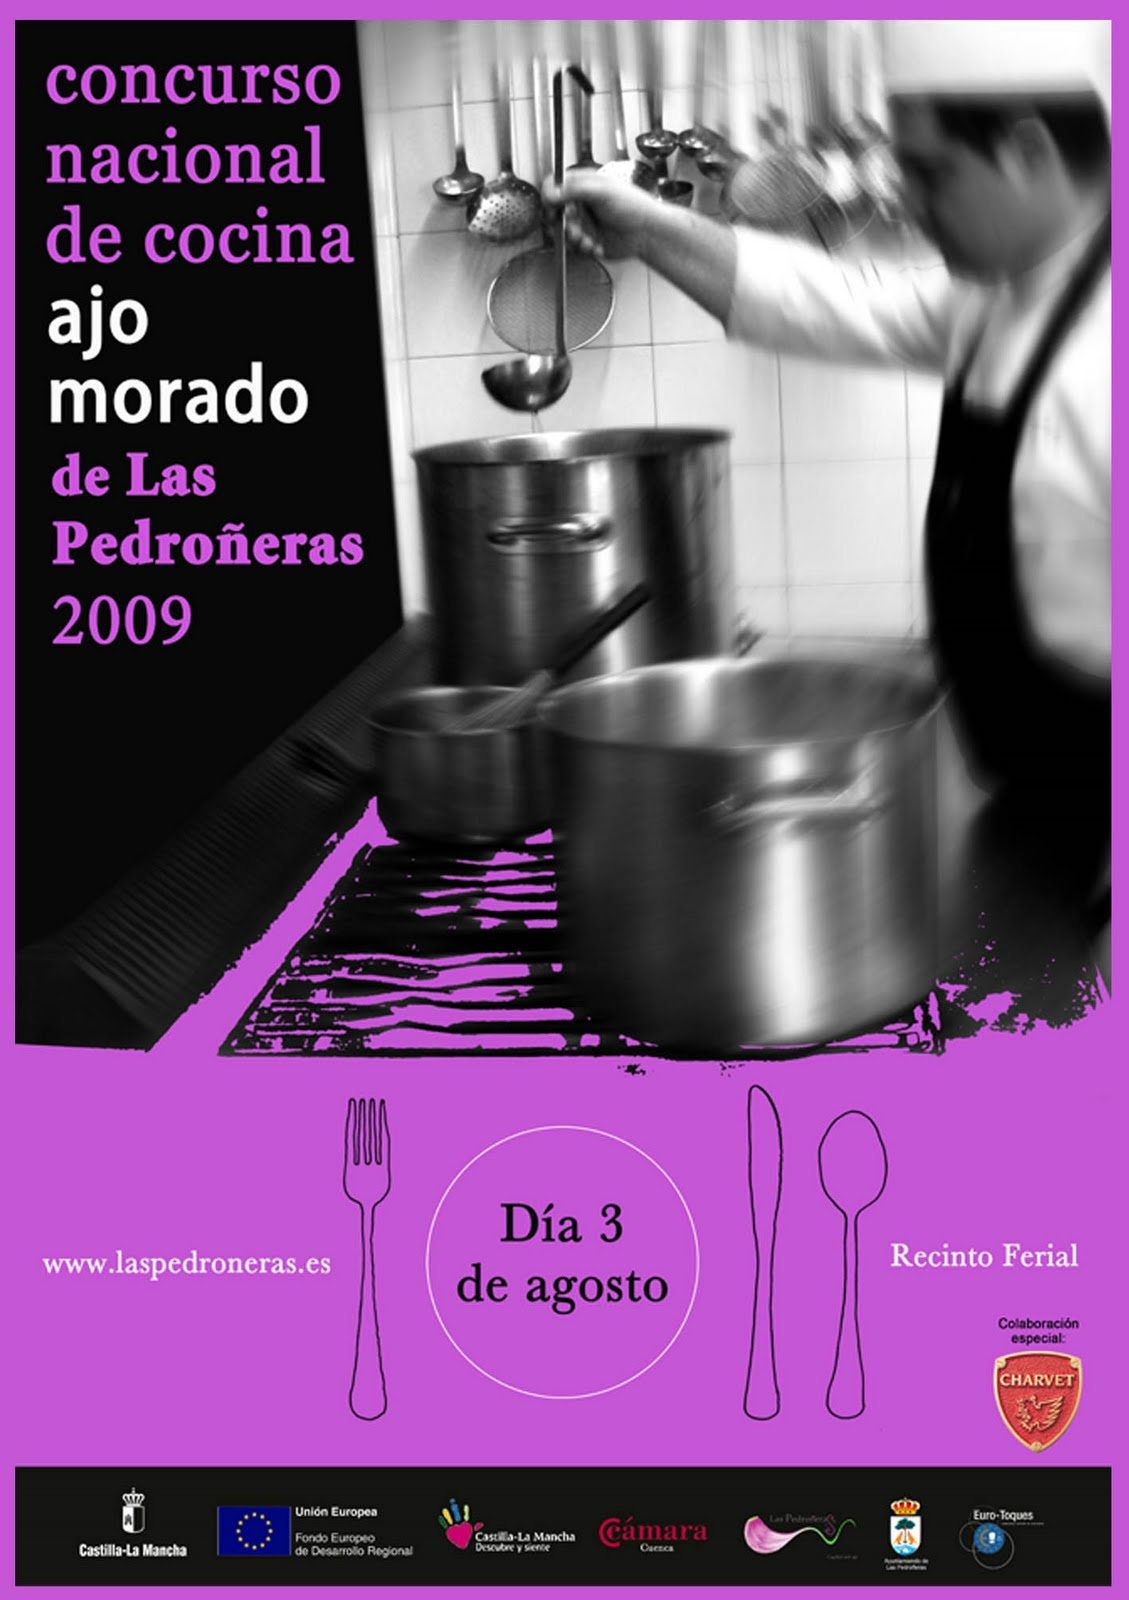 La cosa cambia concurso nacional de cocina ajo morado del - Concurso de cocina ...